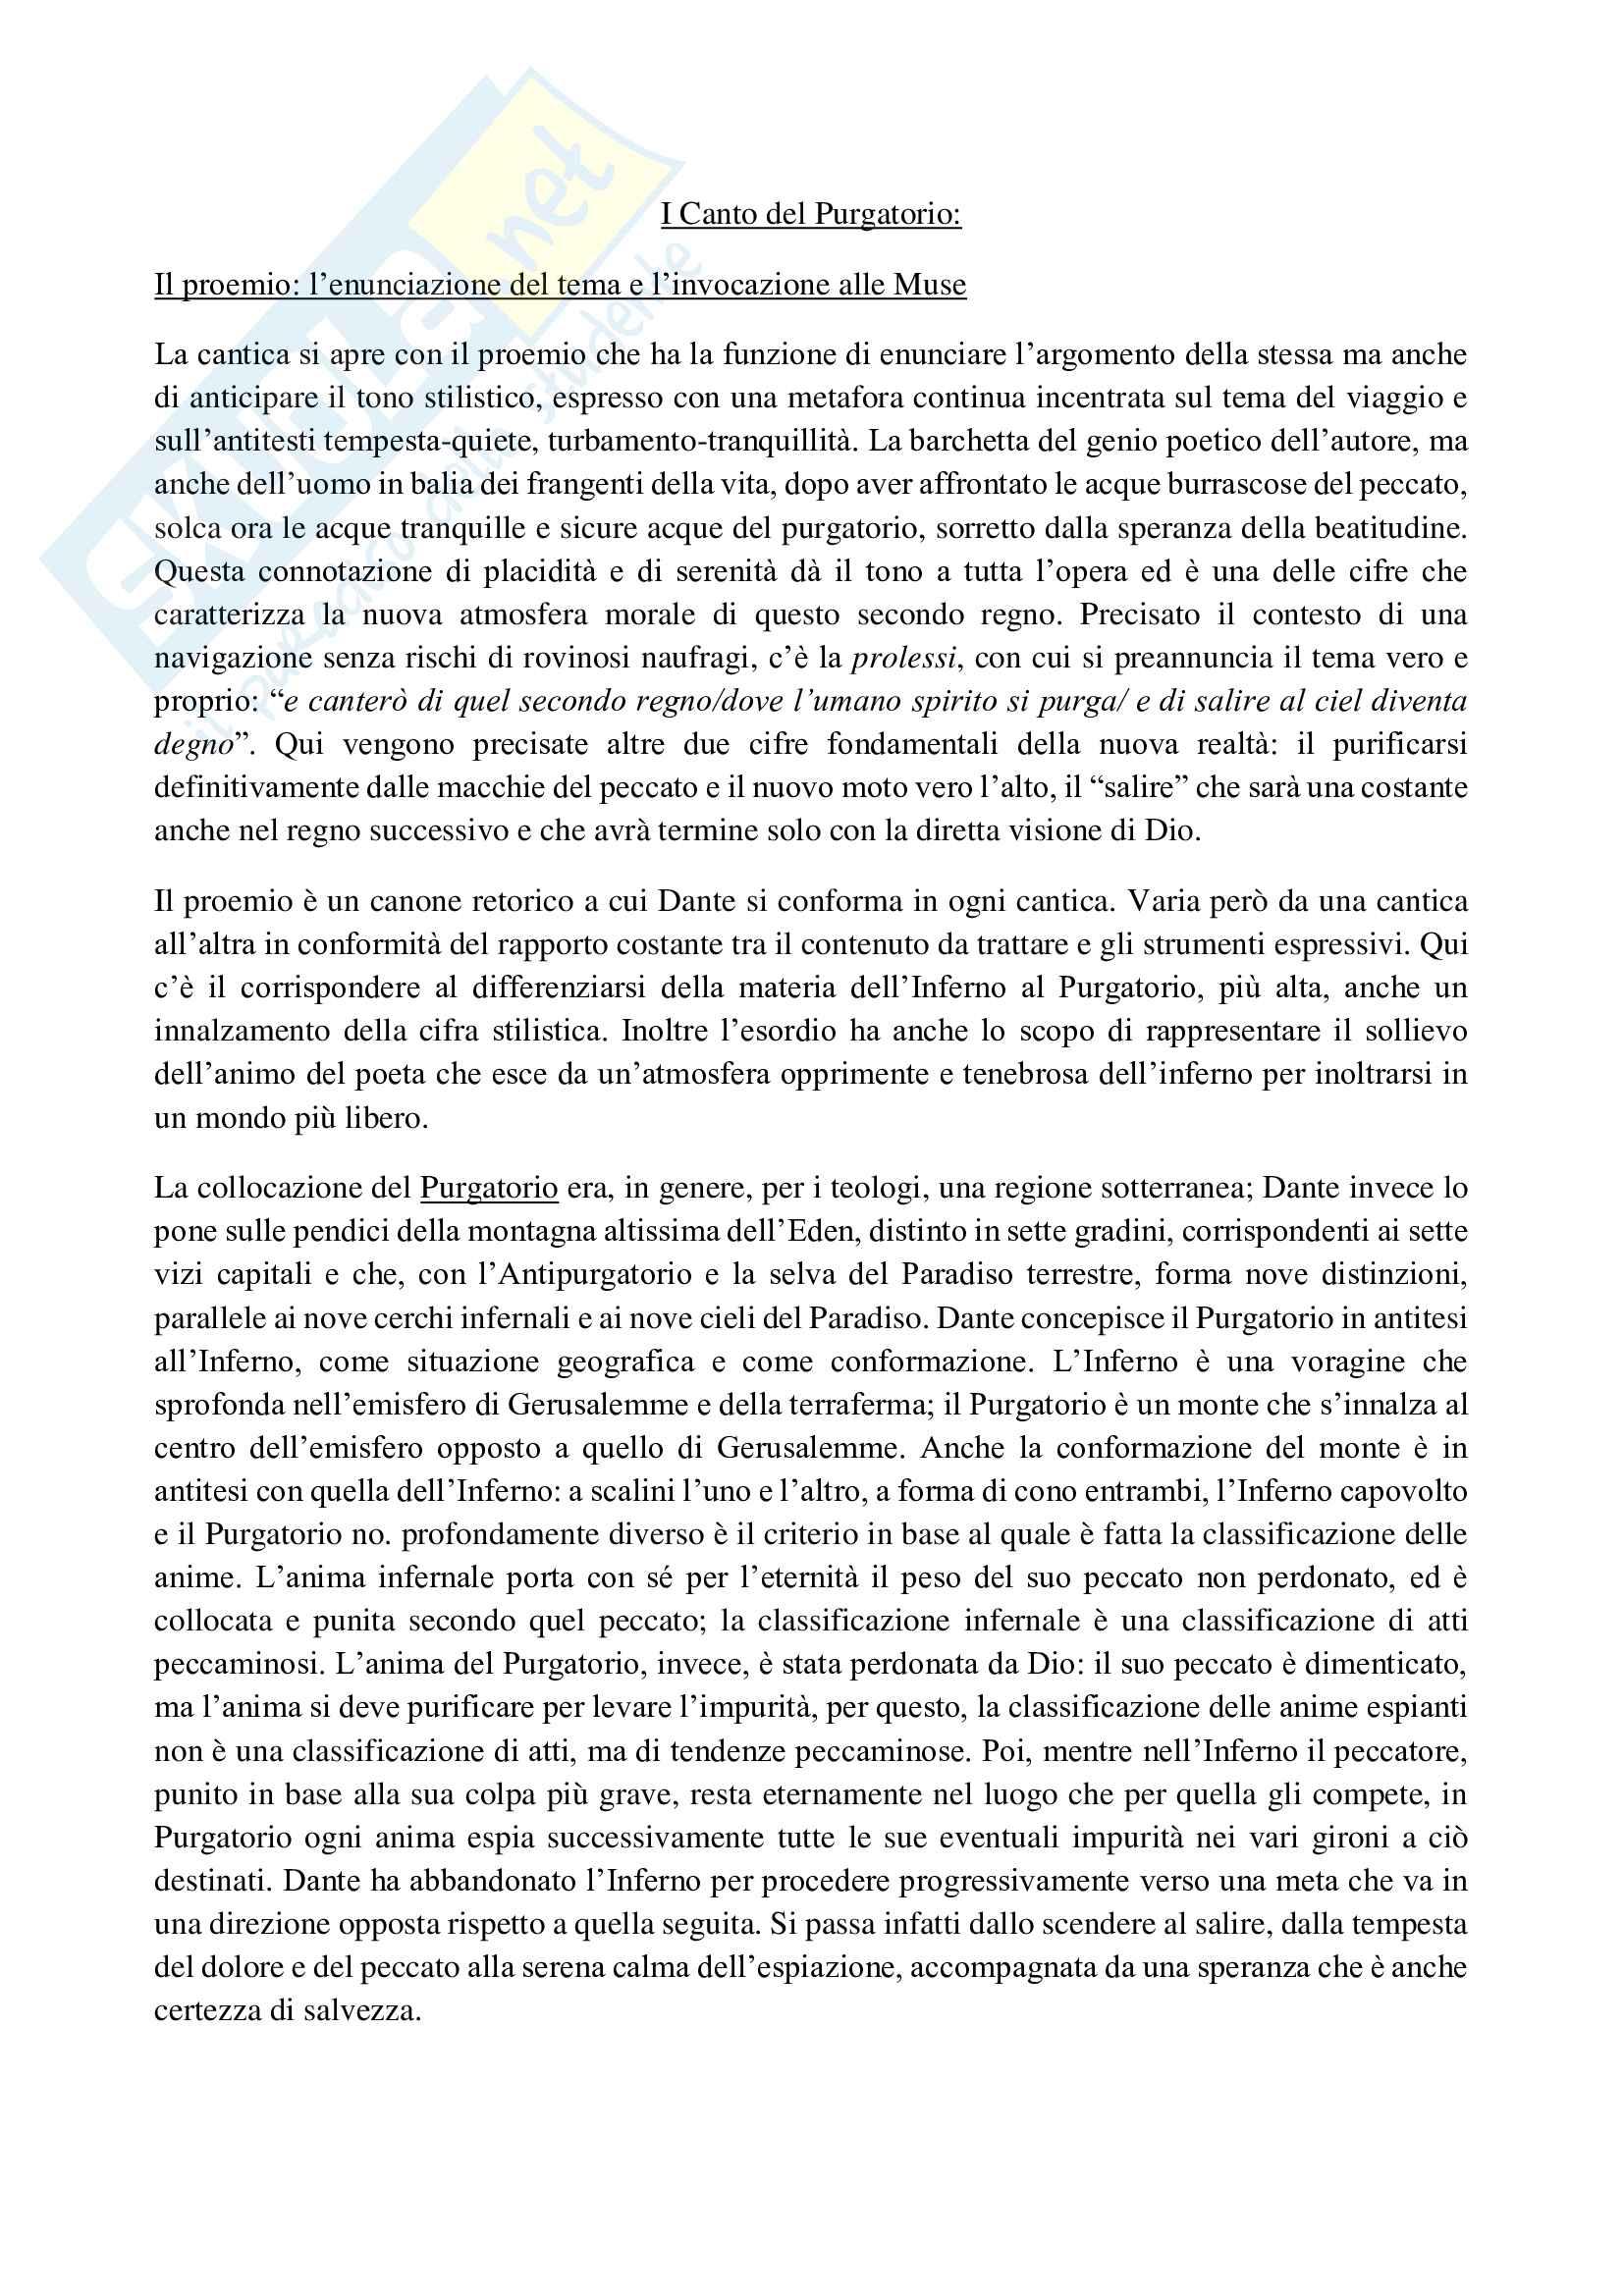 Appunti sul I Canto Purgatorio di Dante